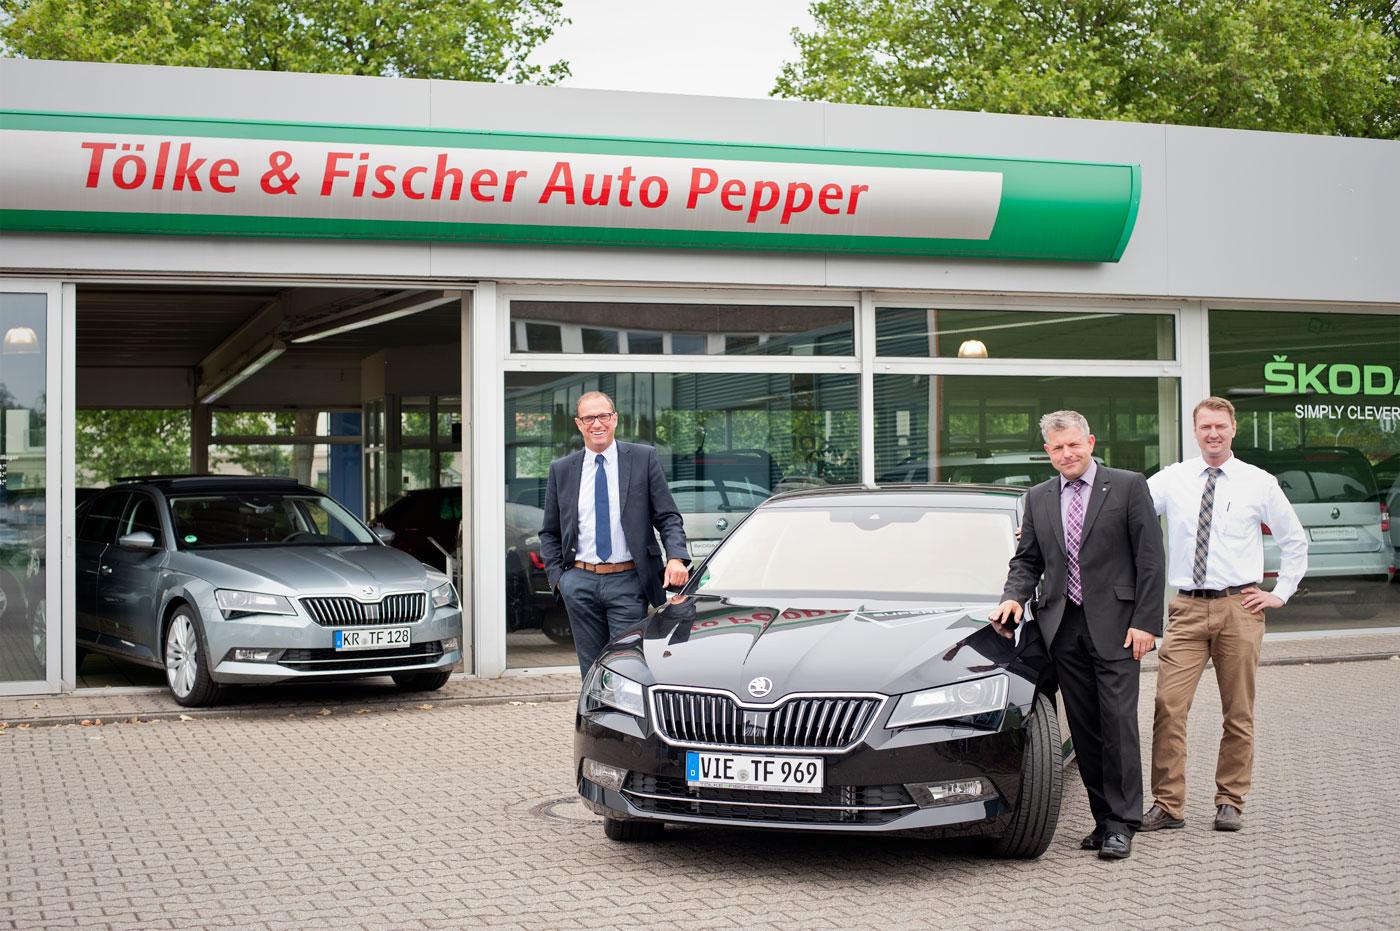 """Tölke & Fischer Auto Pepper: Skodas Zukunft in Krefeld wird """"superb"""""""